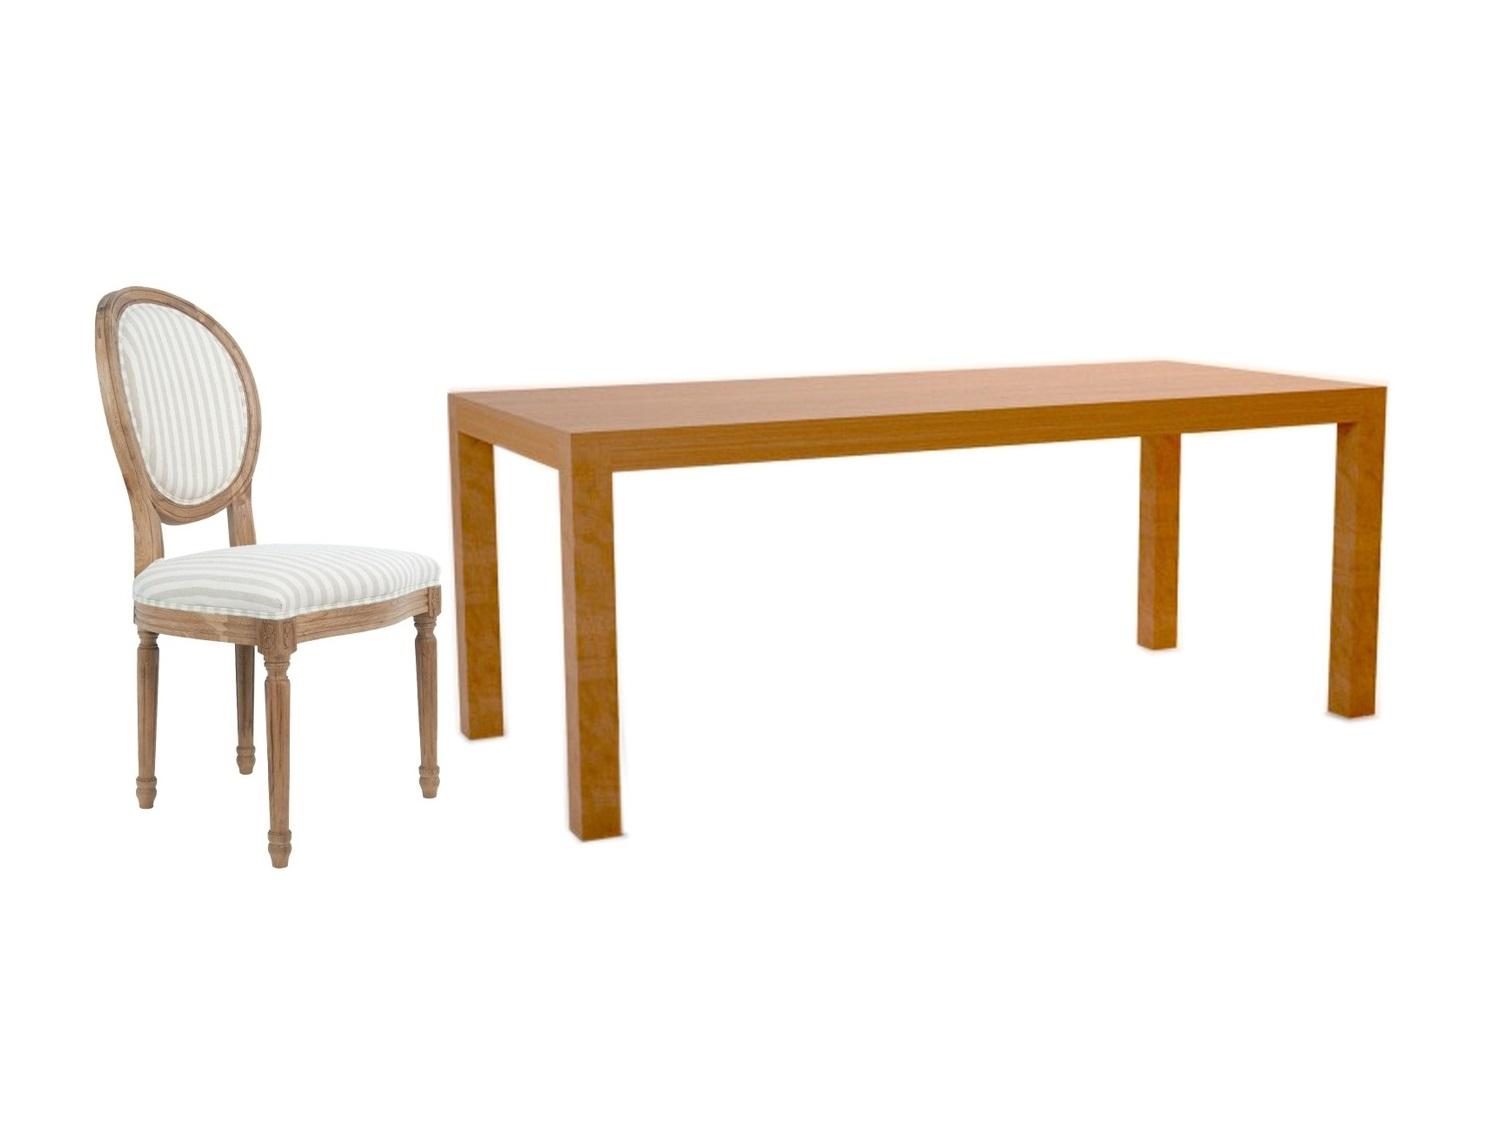 Обеденная группа Industrial (стол + 6 стульев)Комплекты для столовой<br>&amp;lt;div&amp;gt;Изысканный стул Miro с округлой спинкой, напоминающей медальон, выполнен в элегантном классическом французском стиле.&amp;amp;nbsp;&amp;lt;span style=&amp;quot;font-size: 14px;&amp;quot;&amp;gt;Основание модели выполнено из цельной породы древесины — массива дуба,искусственно состаренного.&amp;amp;nbsp;&amp;lt;/span&amp;gt;&amp;lt;/div&amp;gt;&amp;lt;div&amp;gt;&amp;lt;div&amp;gt;&amp;lt;br&amp;gt;&amp;lt;/div&amp;gt;&amp;lt;div&amp;gt;Рзмеры стола: 200/90/80 см&amp;lt;/div&amp;gt;&amp;lt;div&amp;gt;Материал стола: Береза&amp;lt;/div&amp;gt;&amp;lt;div&amp;gt;Размеры стула: 50/56/98 см&amp;lt;br&amp;gt;&amp;lt;/div&amp;gt;&amp;lt;div&amp;gt;Материал стула: Дуб&amp;lt;br&amp;gt;&amp;lt;/div&amp;gt;&amp;lt;/div&amp;gt;&amp;lt;div&amp;gt;&amp;lt;br&amp;gt;&amp;lt;/div&amp;gt;&amp;lt;div&amp;gt;&amp;lt;br&amp;gt;&amp;lt;/div&amp;gt;<br><br>Material: Береза<br>Ширина см: 200<br>Высота см: 80<br>Глубина см: 90